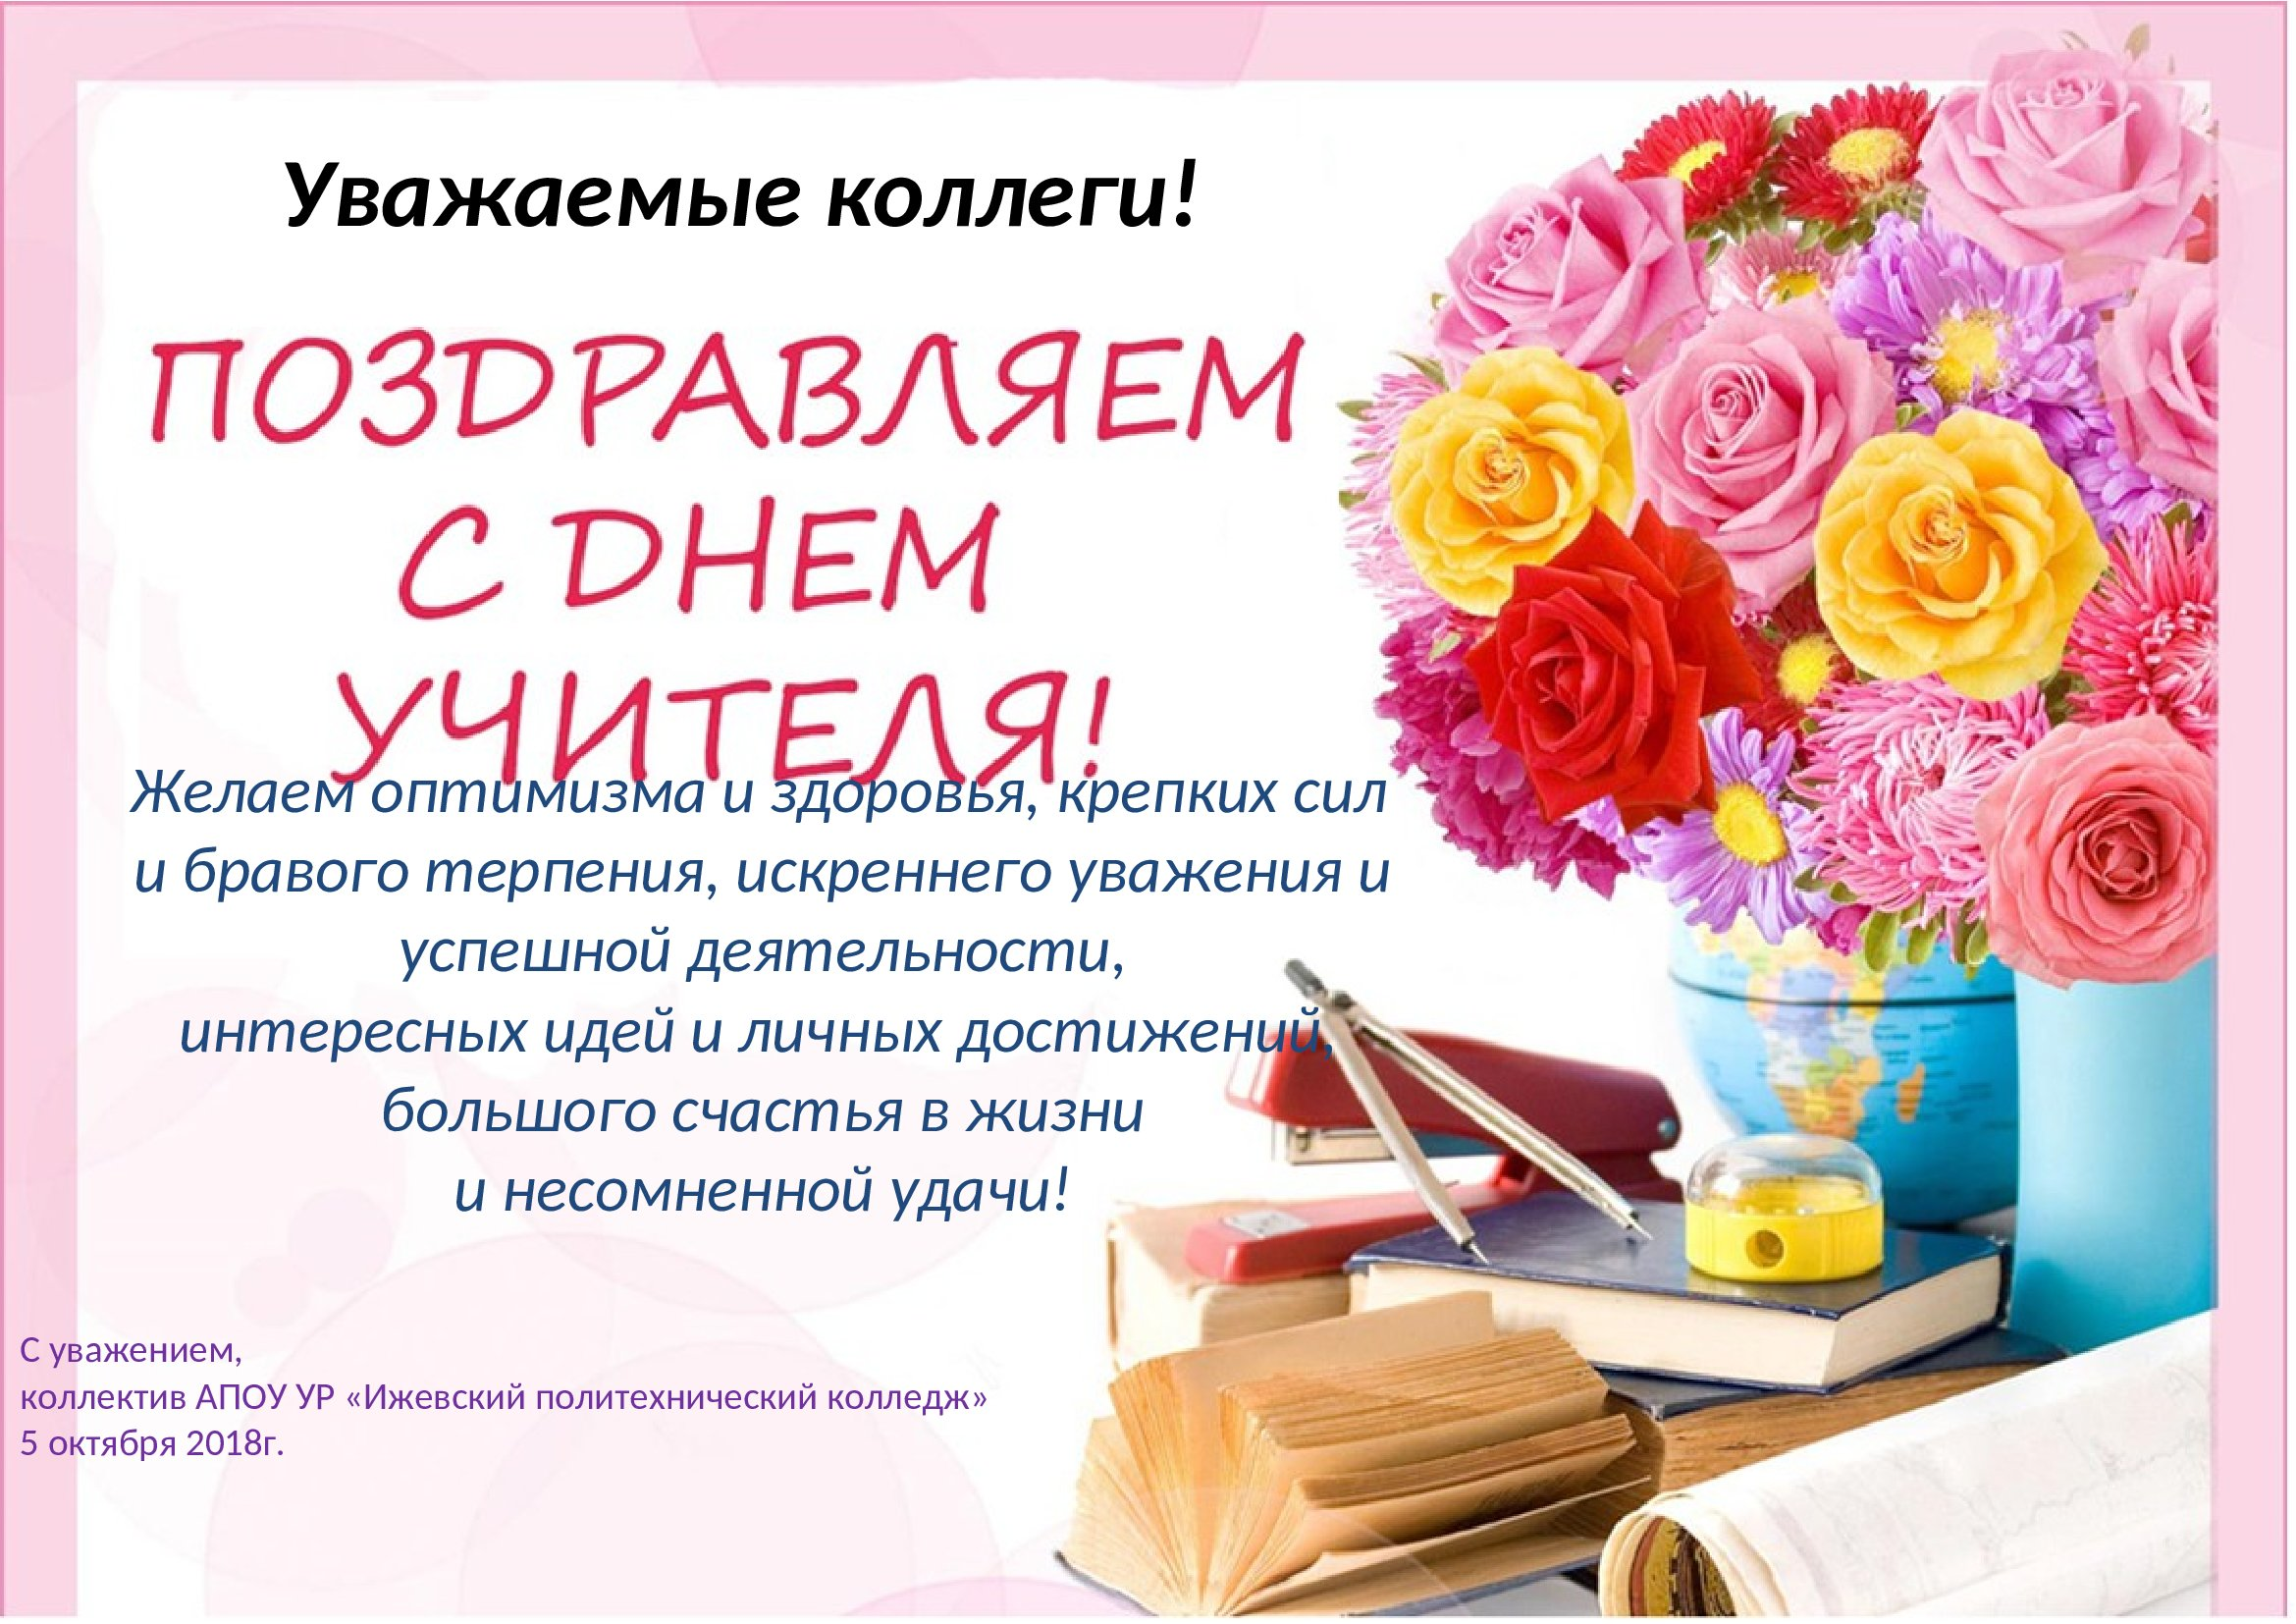 поздравление учителя своим коллегам-педагогам выполнять элементарные задания